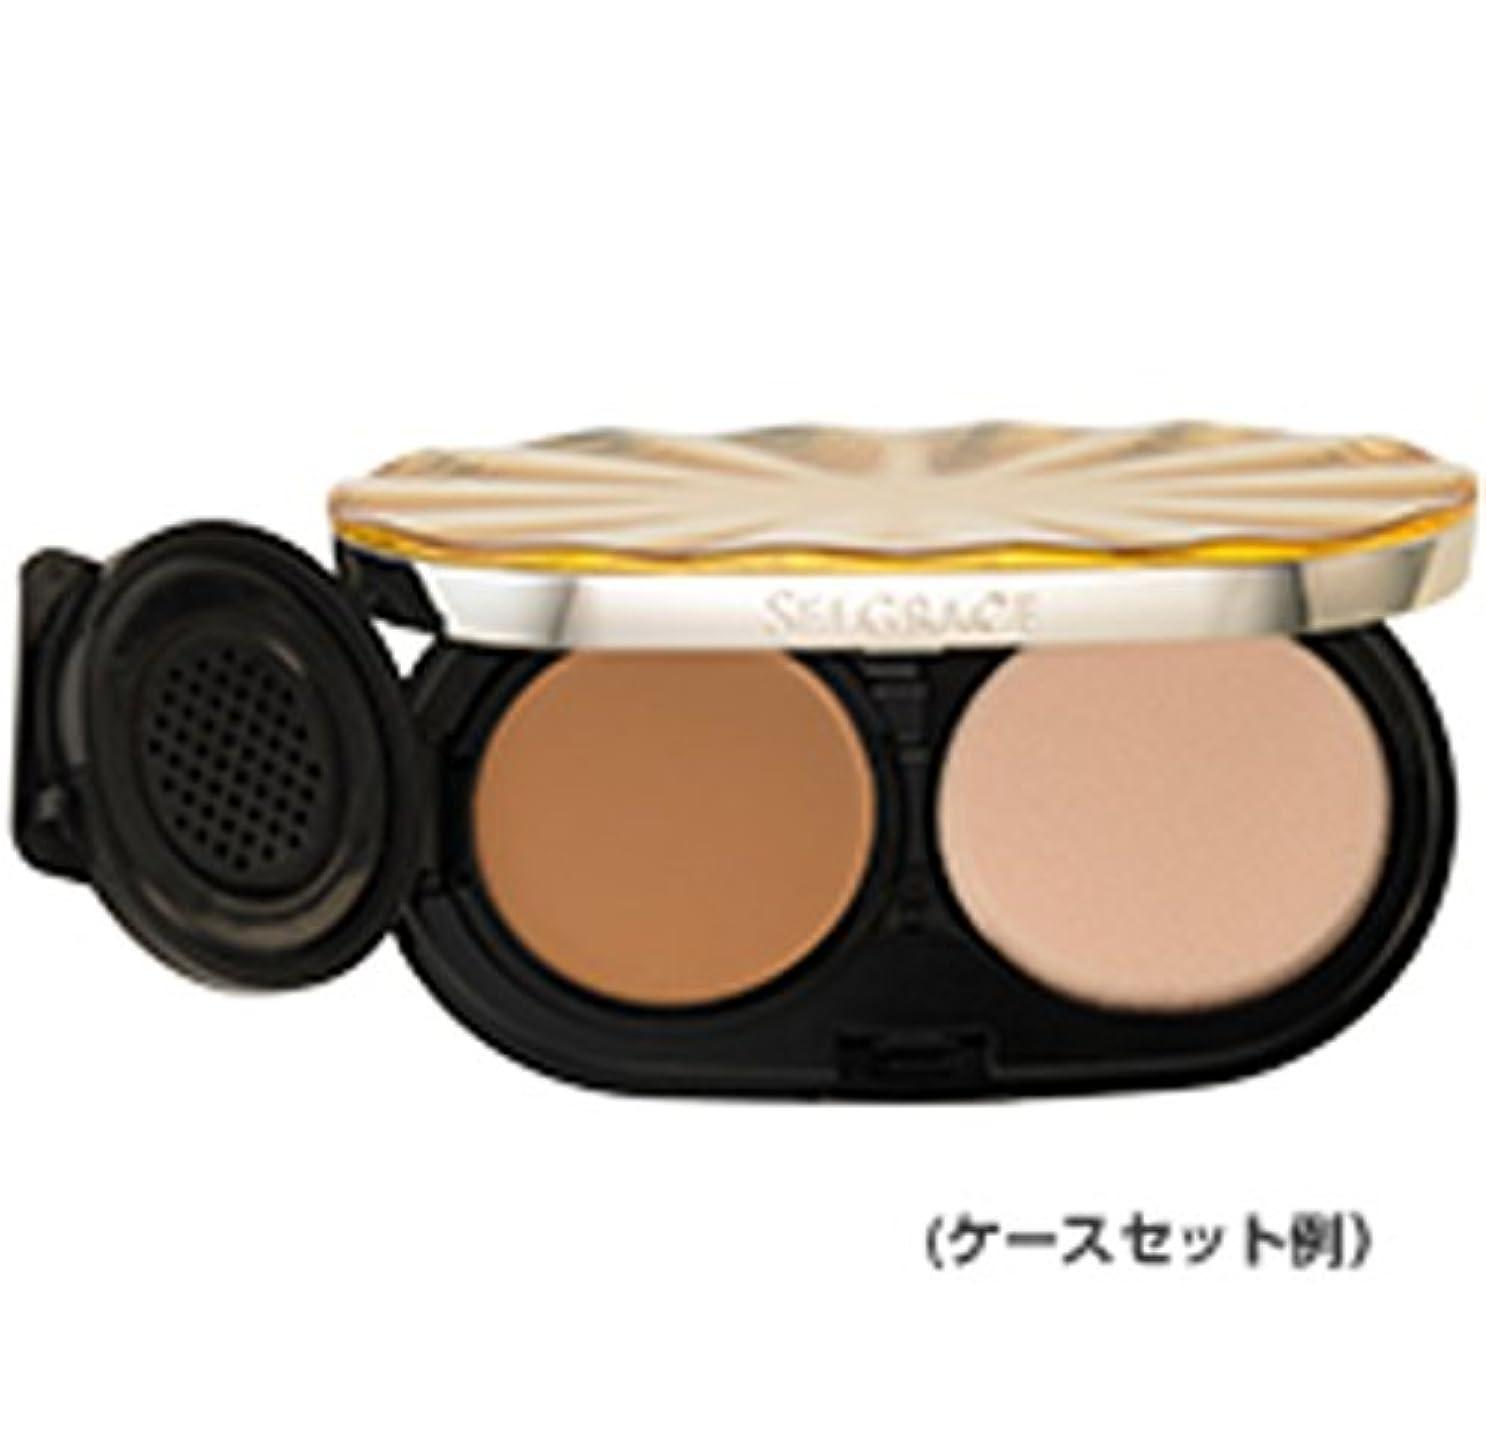 フラップショート領収書ナリス化粧品 セルグレース ベースインパクト ファンデーション 130 ライトピンクベージュ レフィル (スポンジ付き)